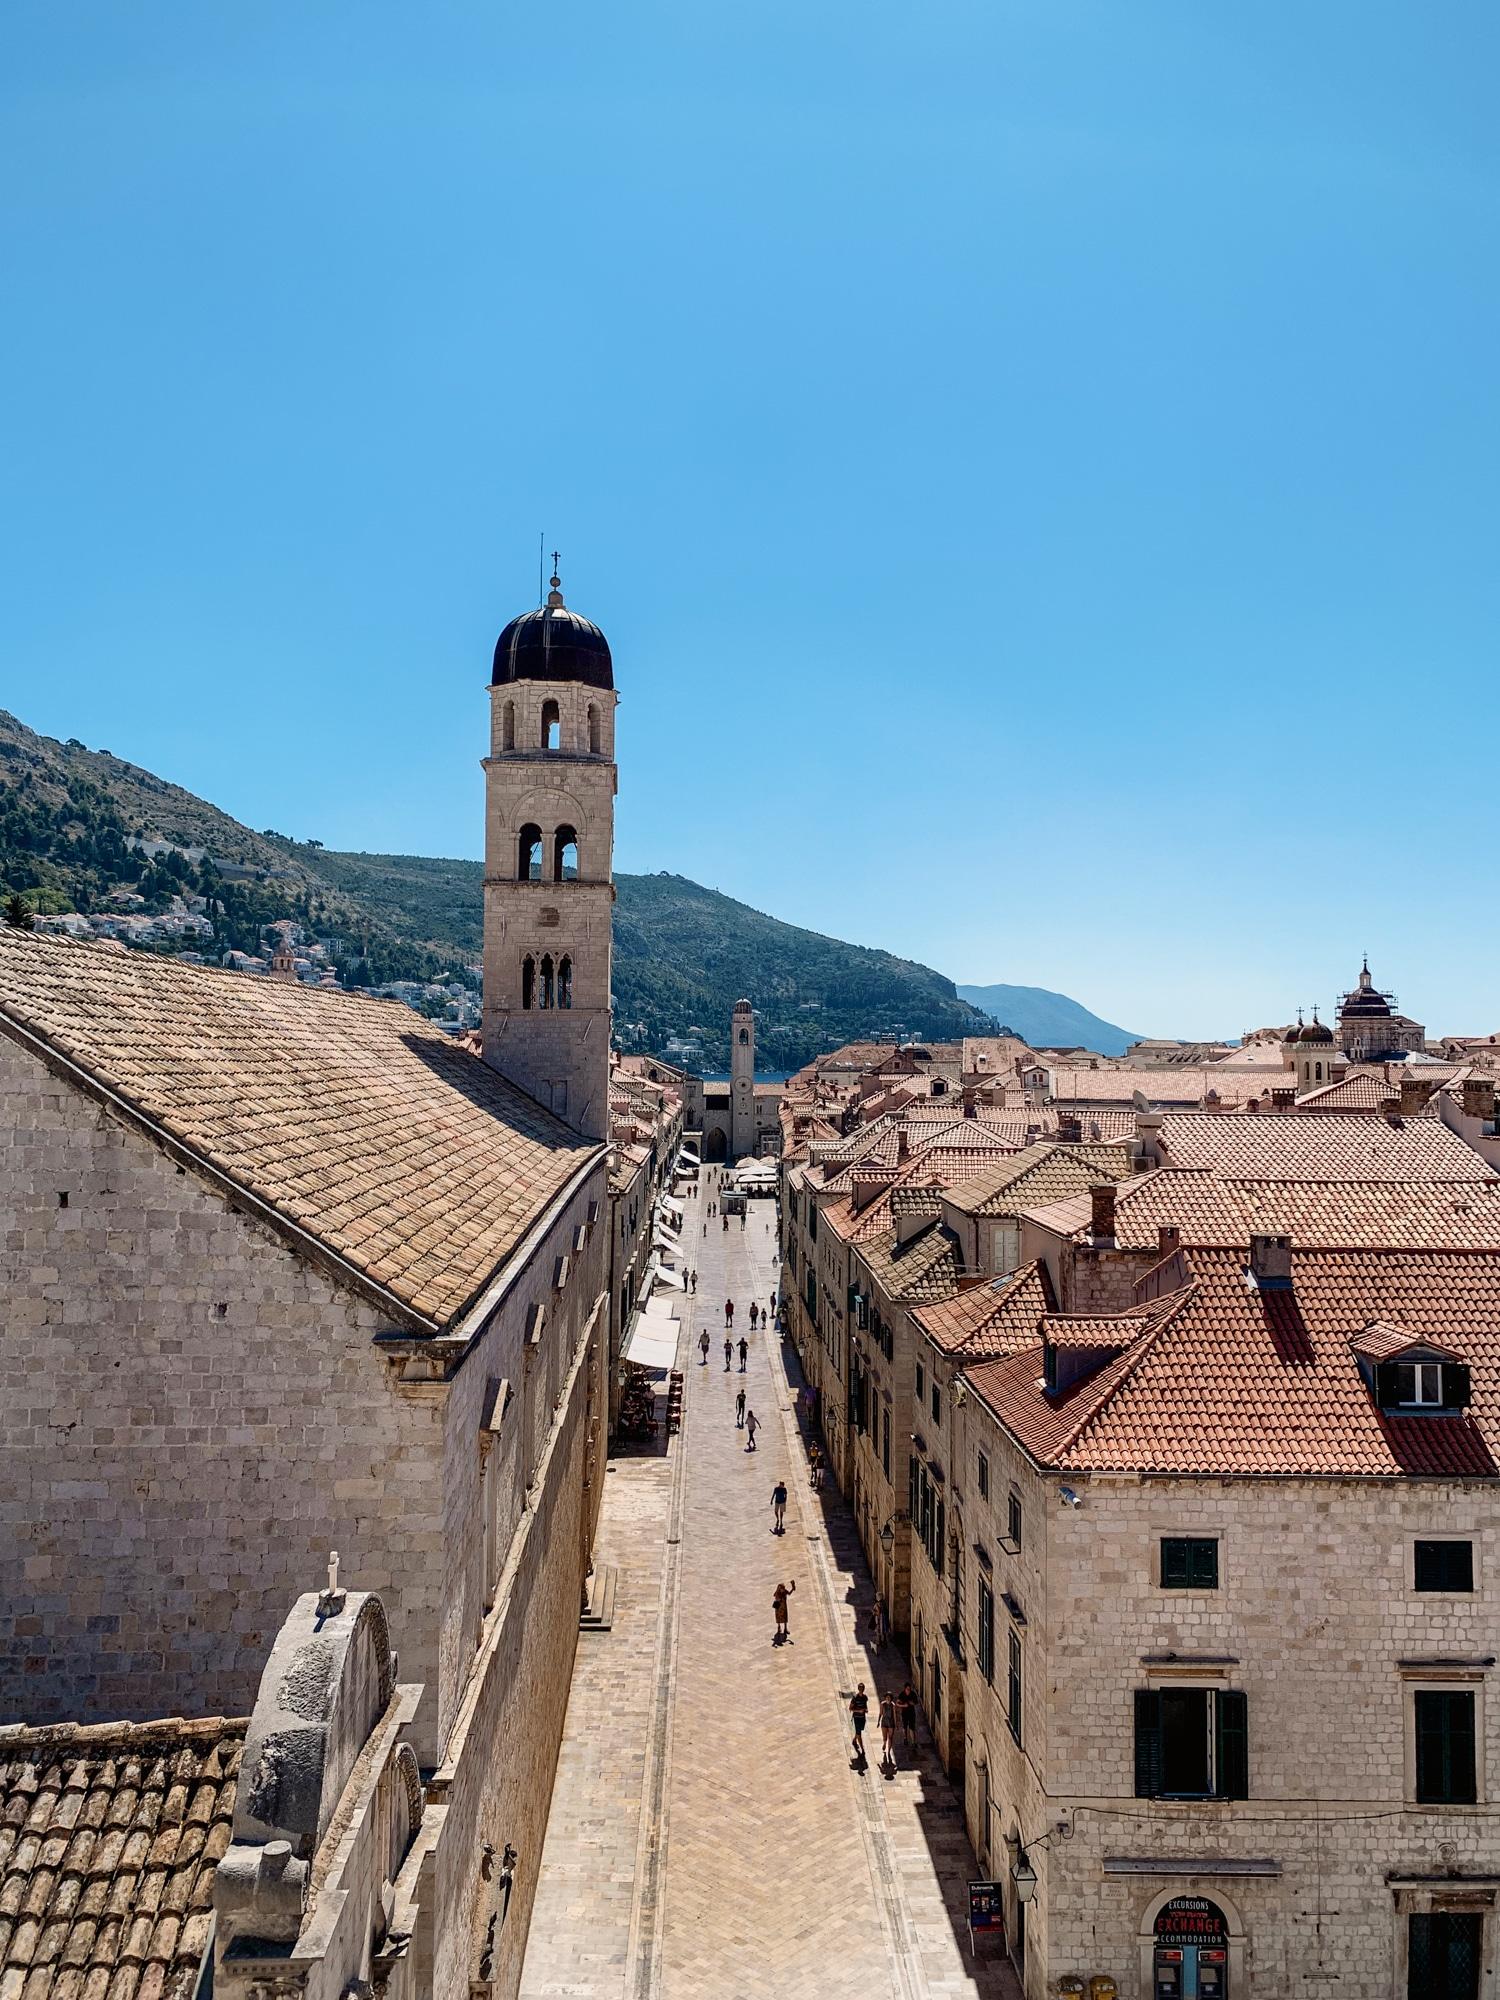 Dubrovnik Sehenswürdigkeiten Top 10: Meine Highlights und Tipps - Stradun Boulevard